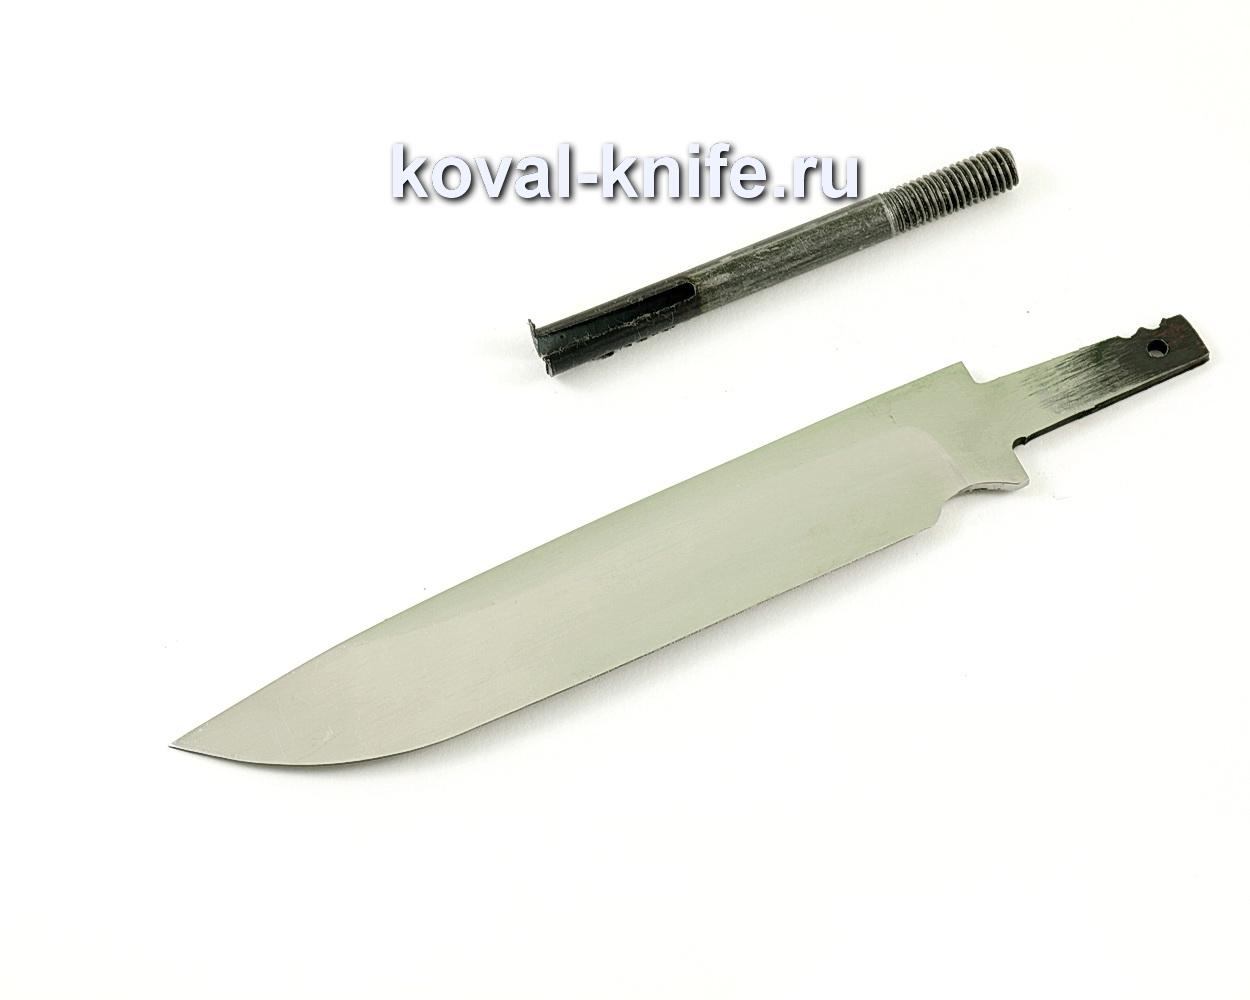 Клинок для ножа Турист (кованая сталь 95Х18)